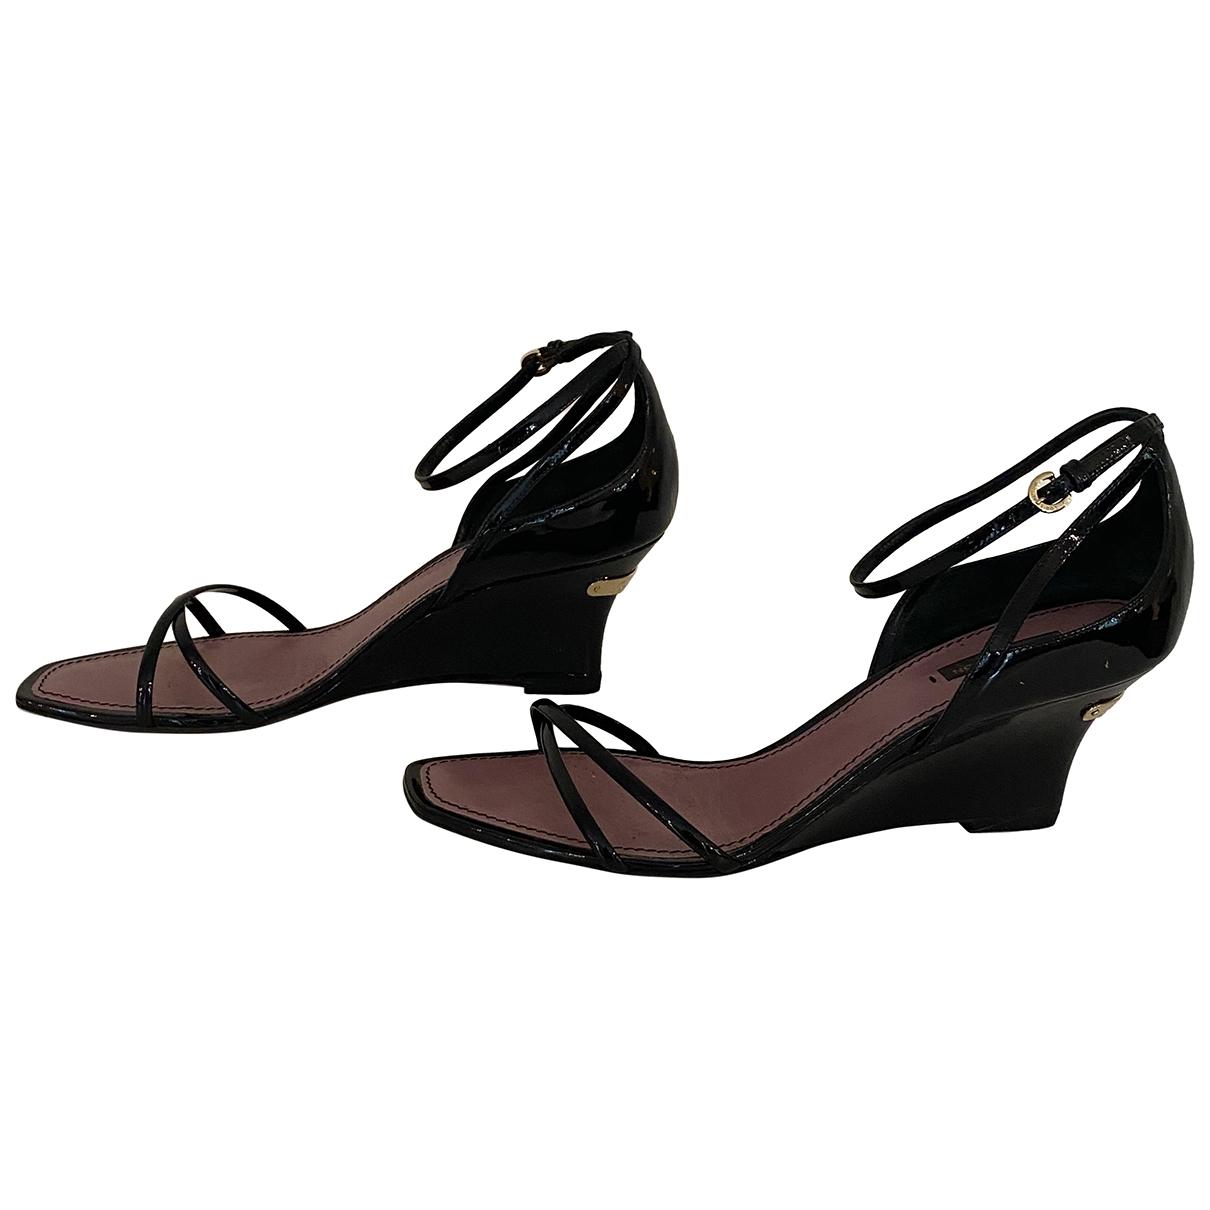 Louis Vuitton \N Black Patent leather Sandals for Women 40 EU